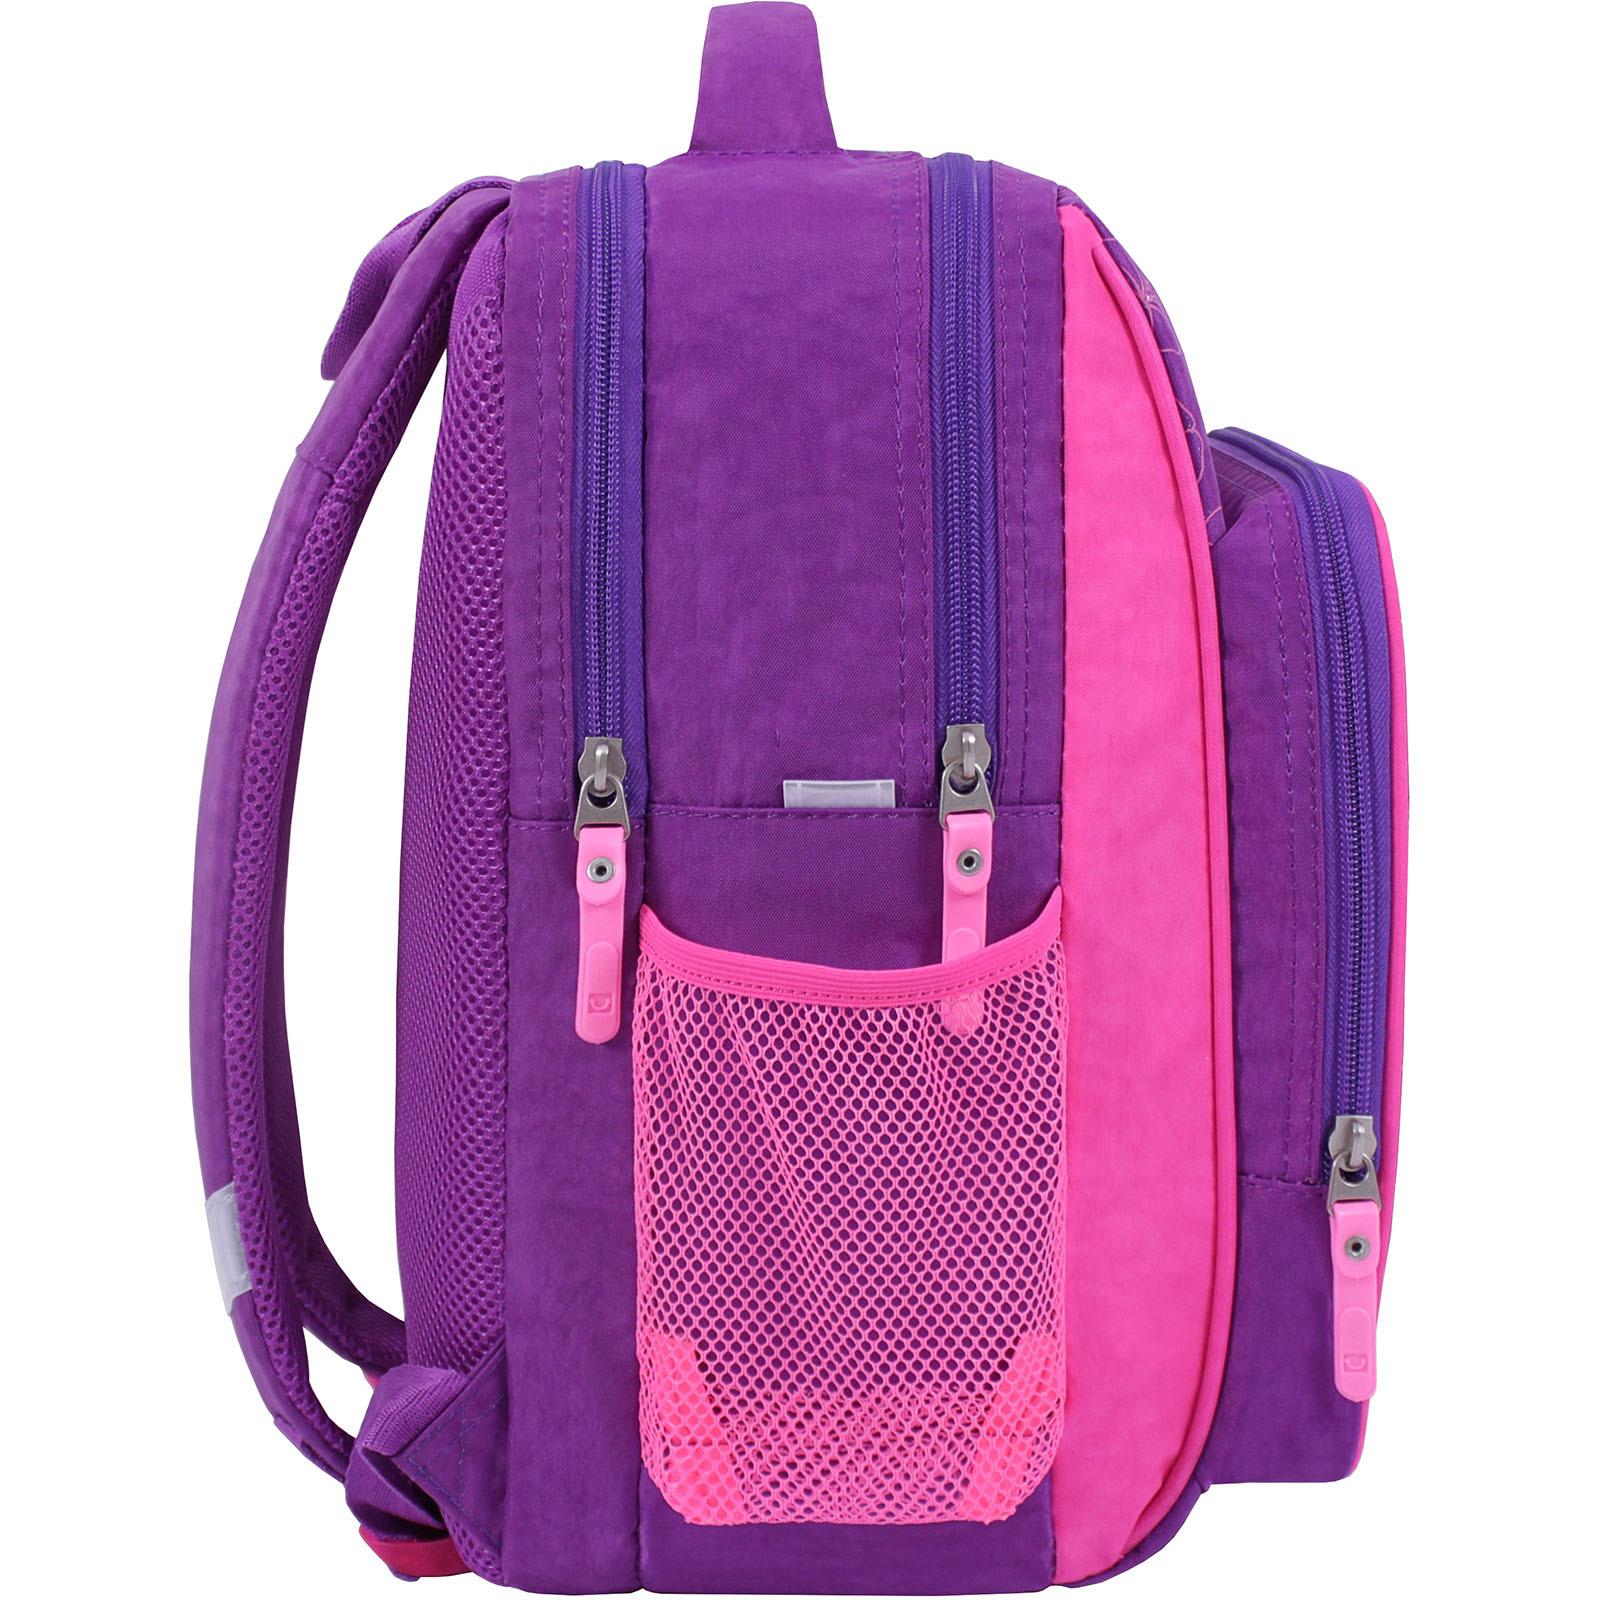 Рюкзак школьный Bagland Школьник 8 л. фиолетовый 501 (0012870) фото 2